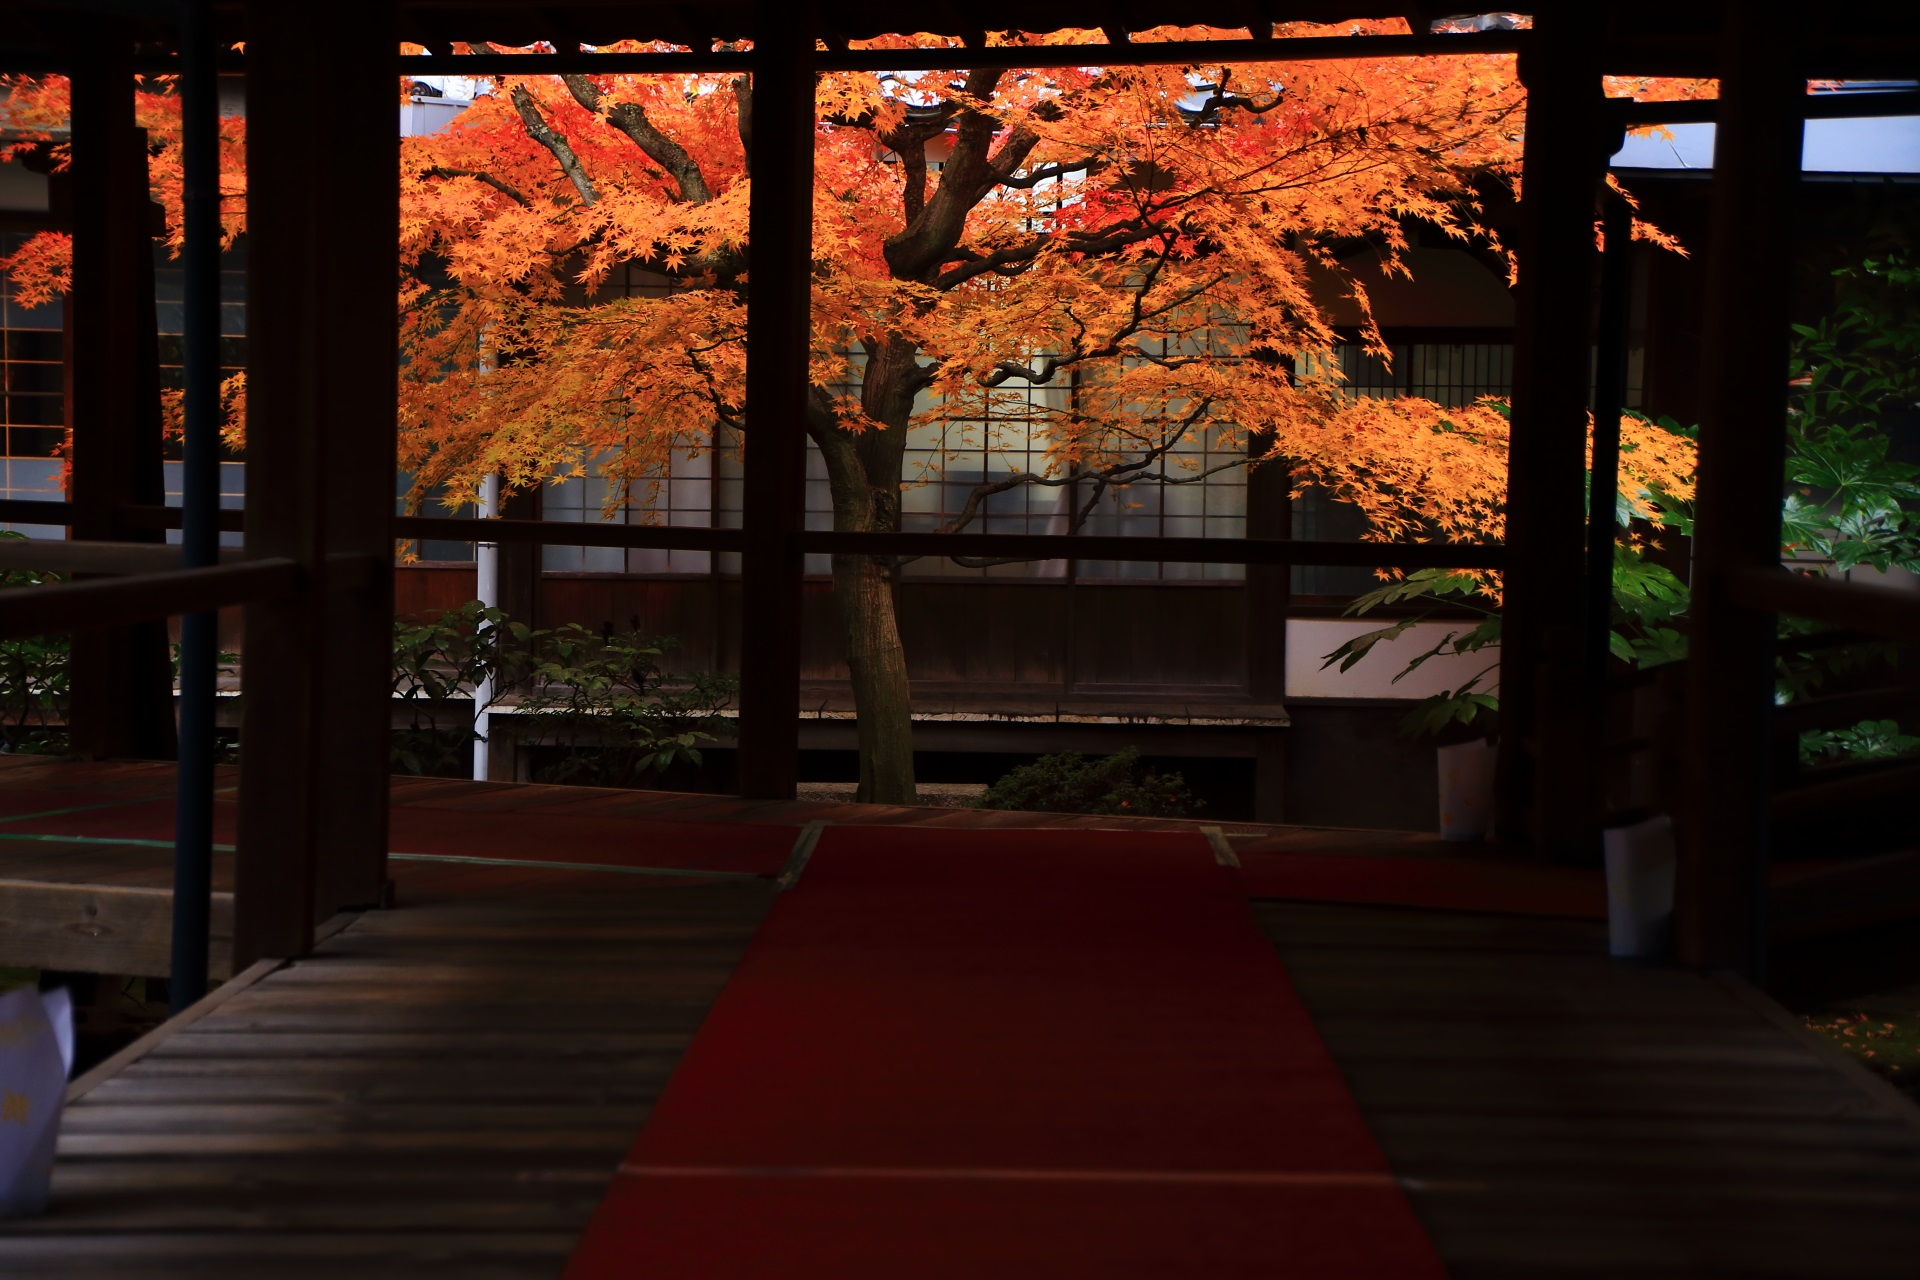 本法寺の秋を彩る絵になりすぎる絶品の紅葉